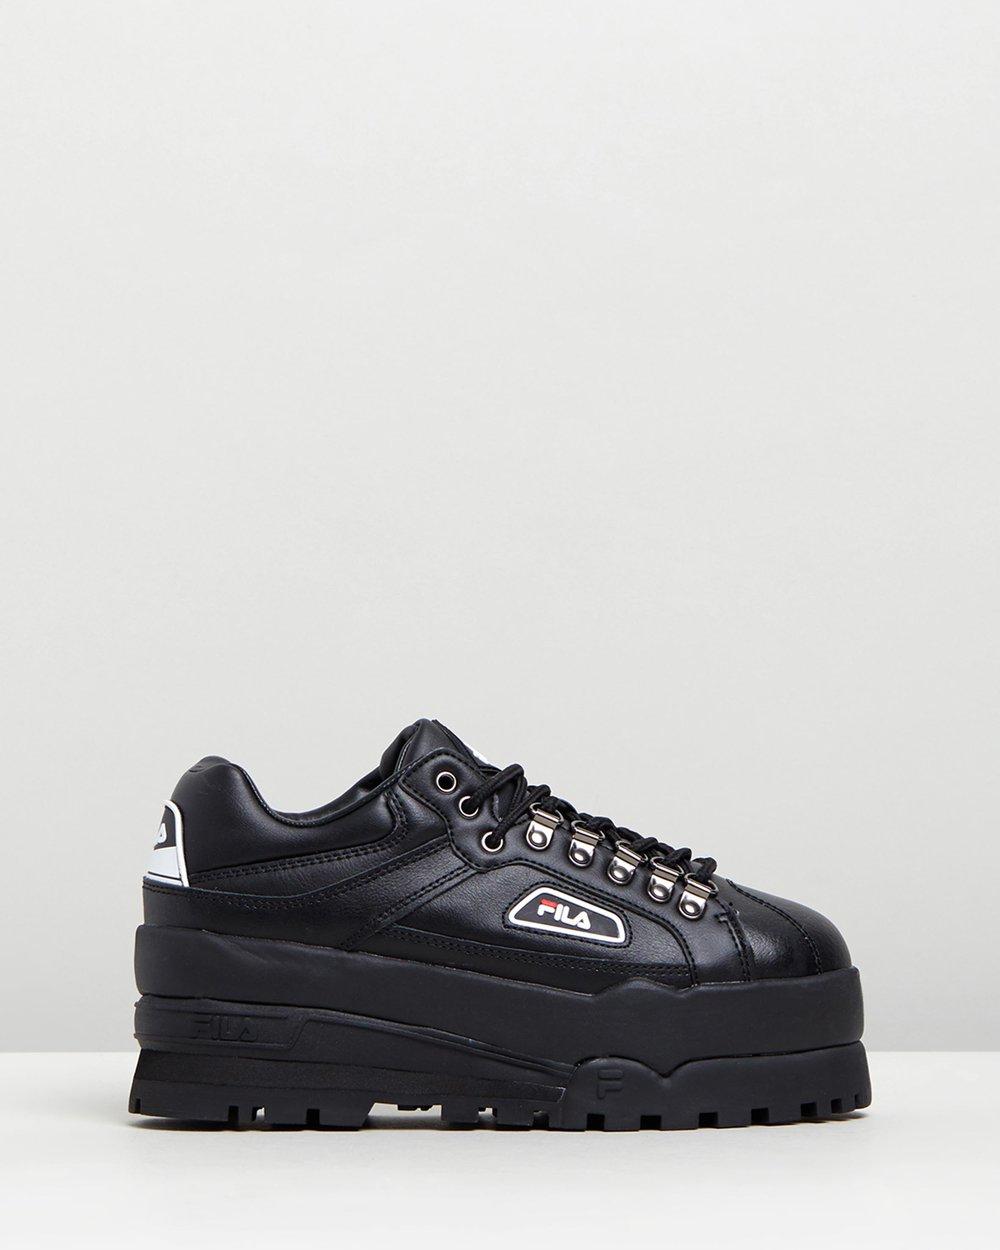 3af63e1e704e Trailblazer Wedge Sneakers by Fila Online